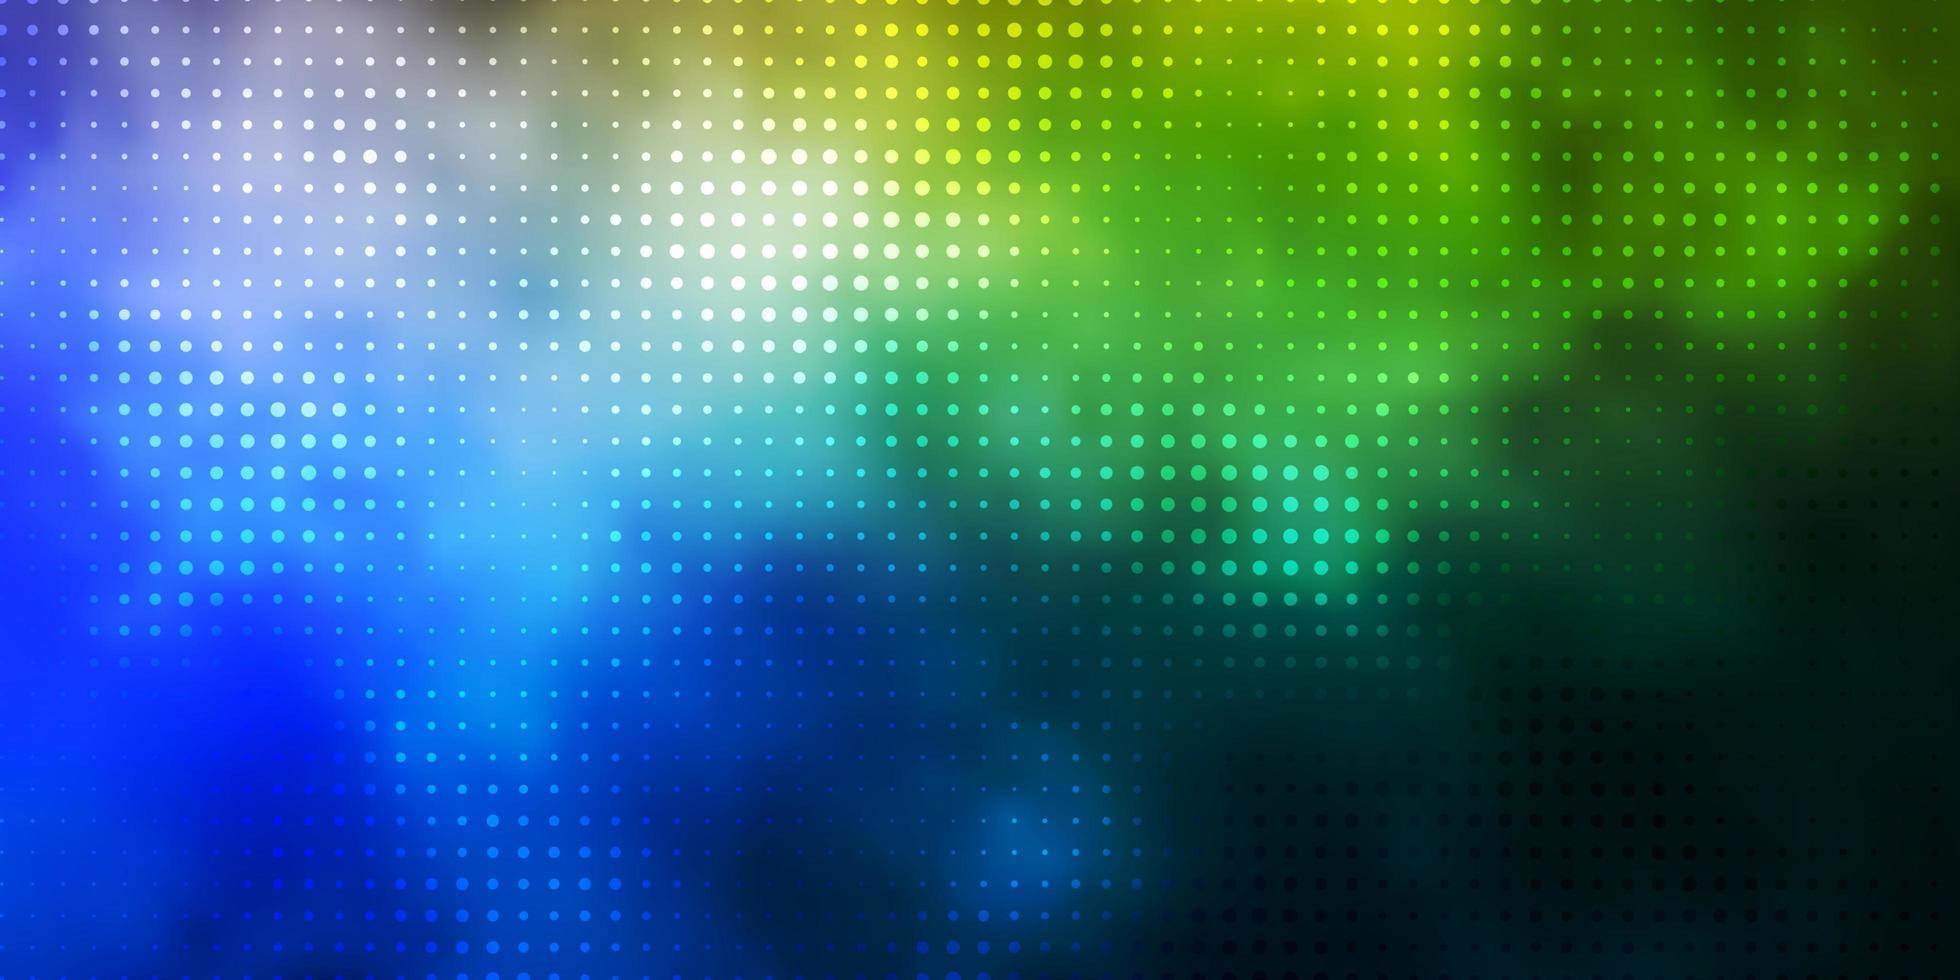 motif bleu clair et vert avec des sphères. vecteur